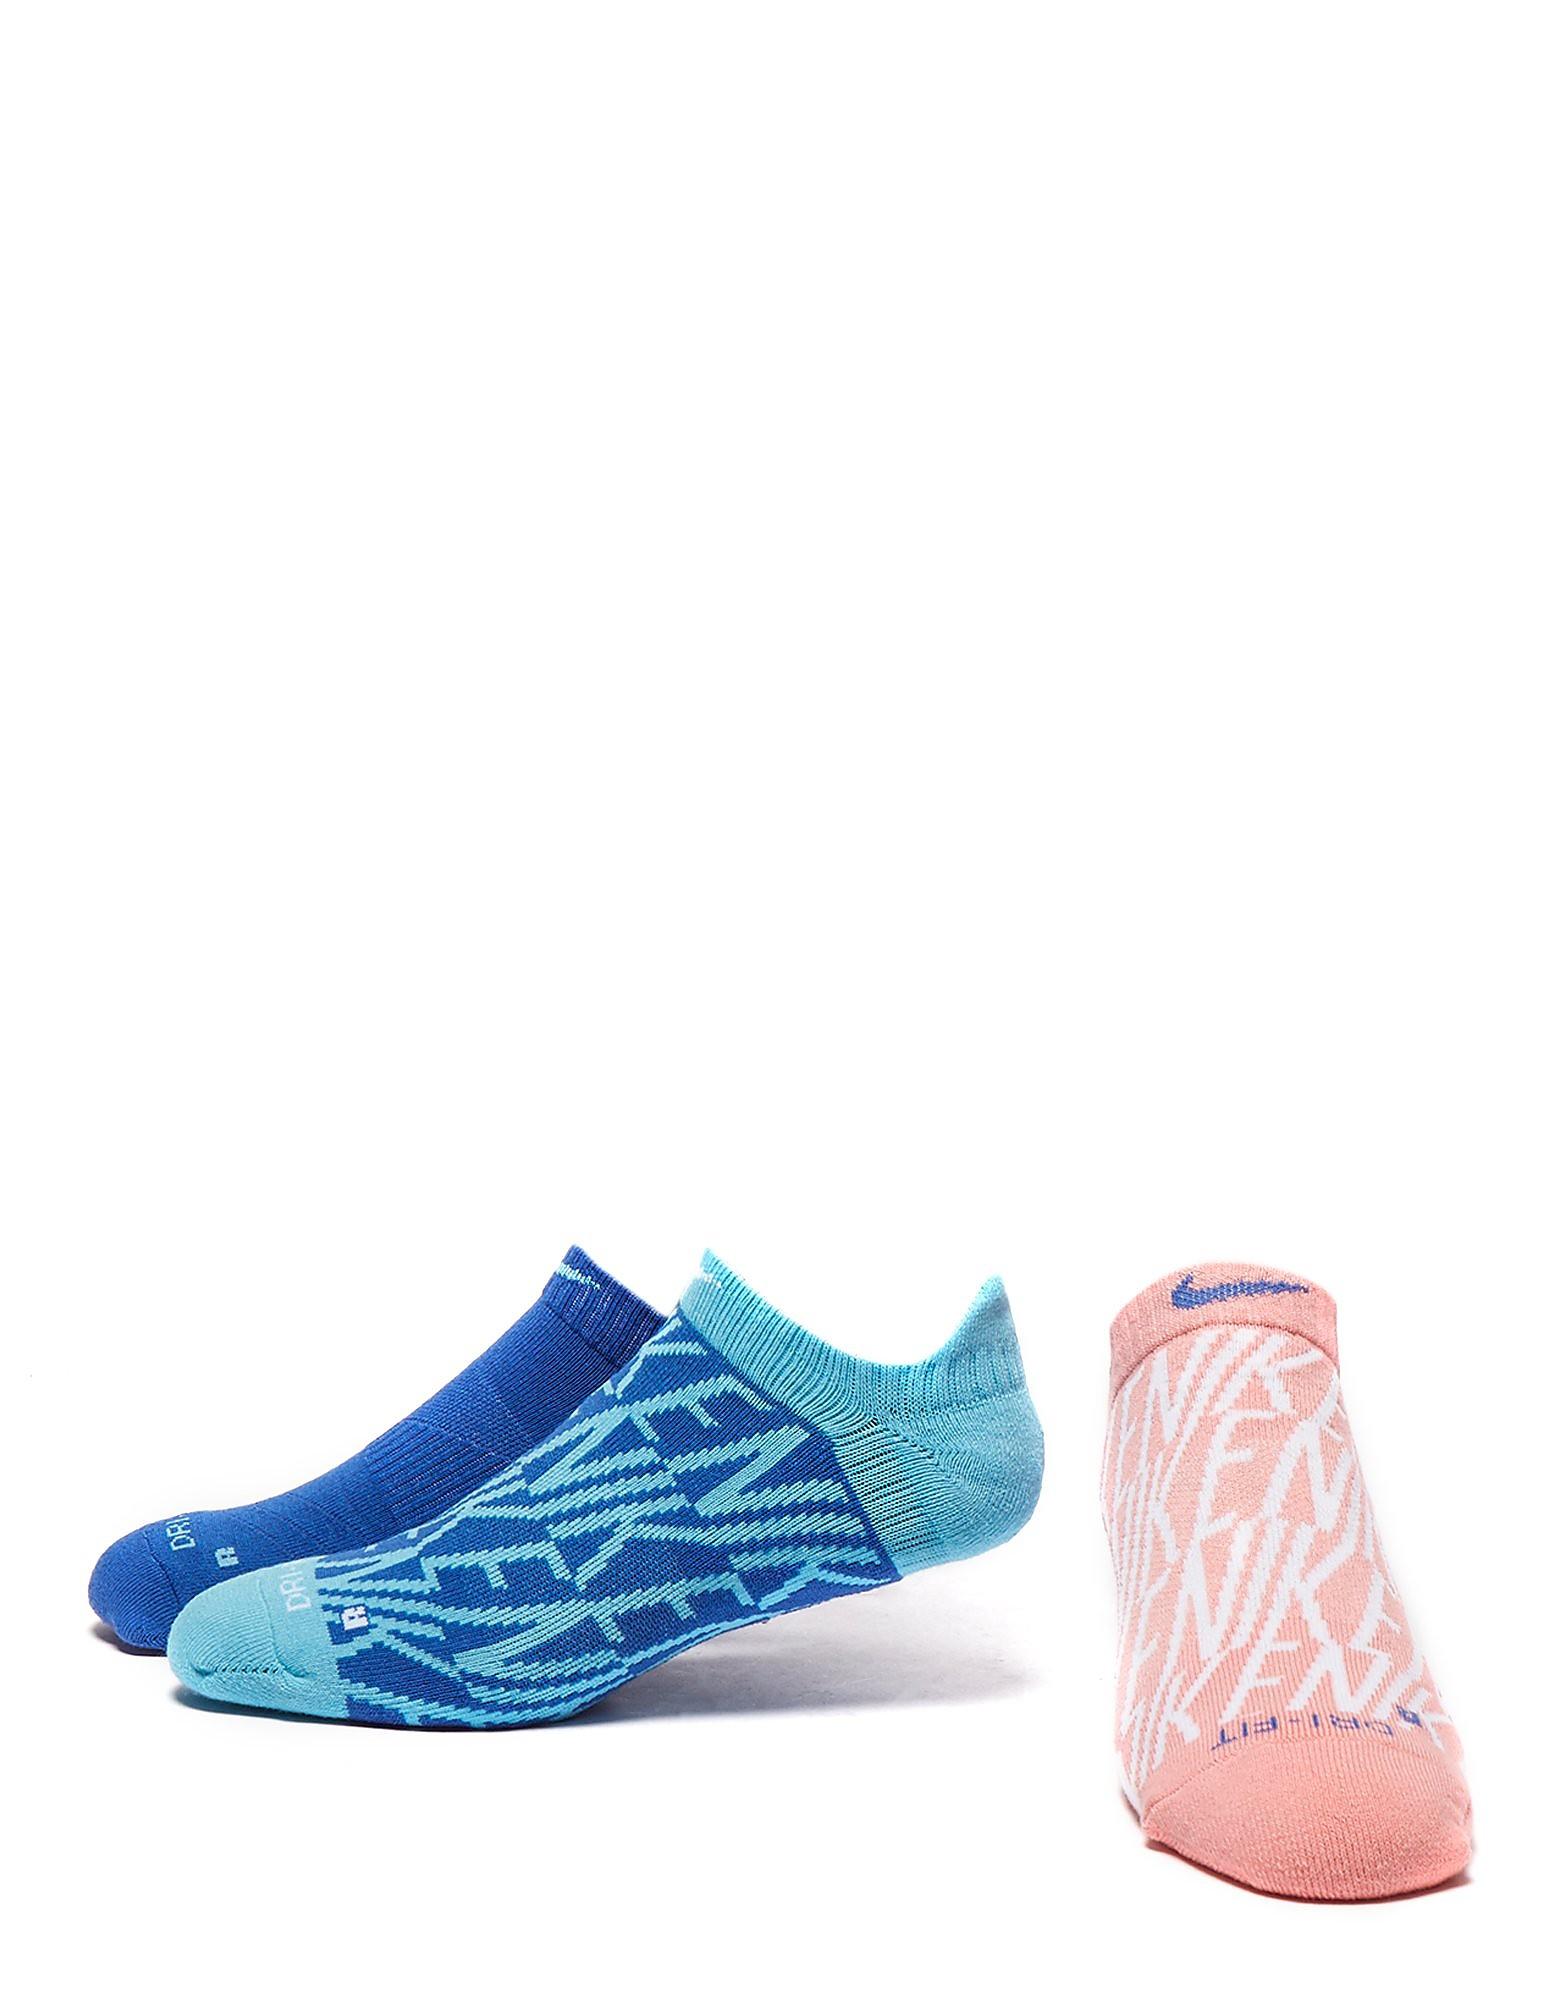 Nike 3 Pack de chaussettes Dri-FIT matelassées imprimées No Show